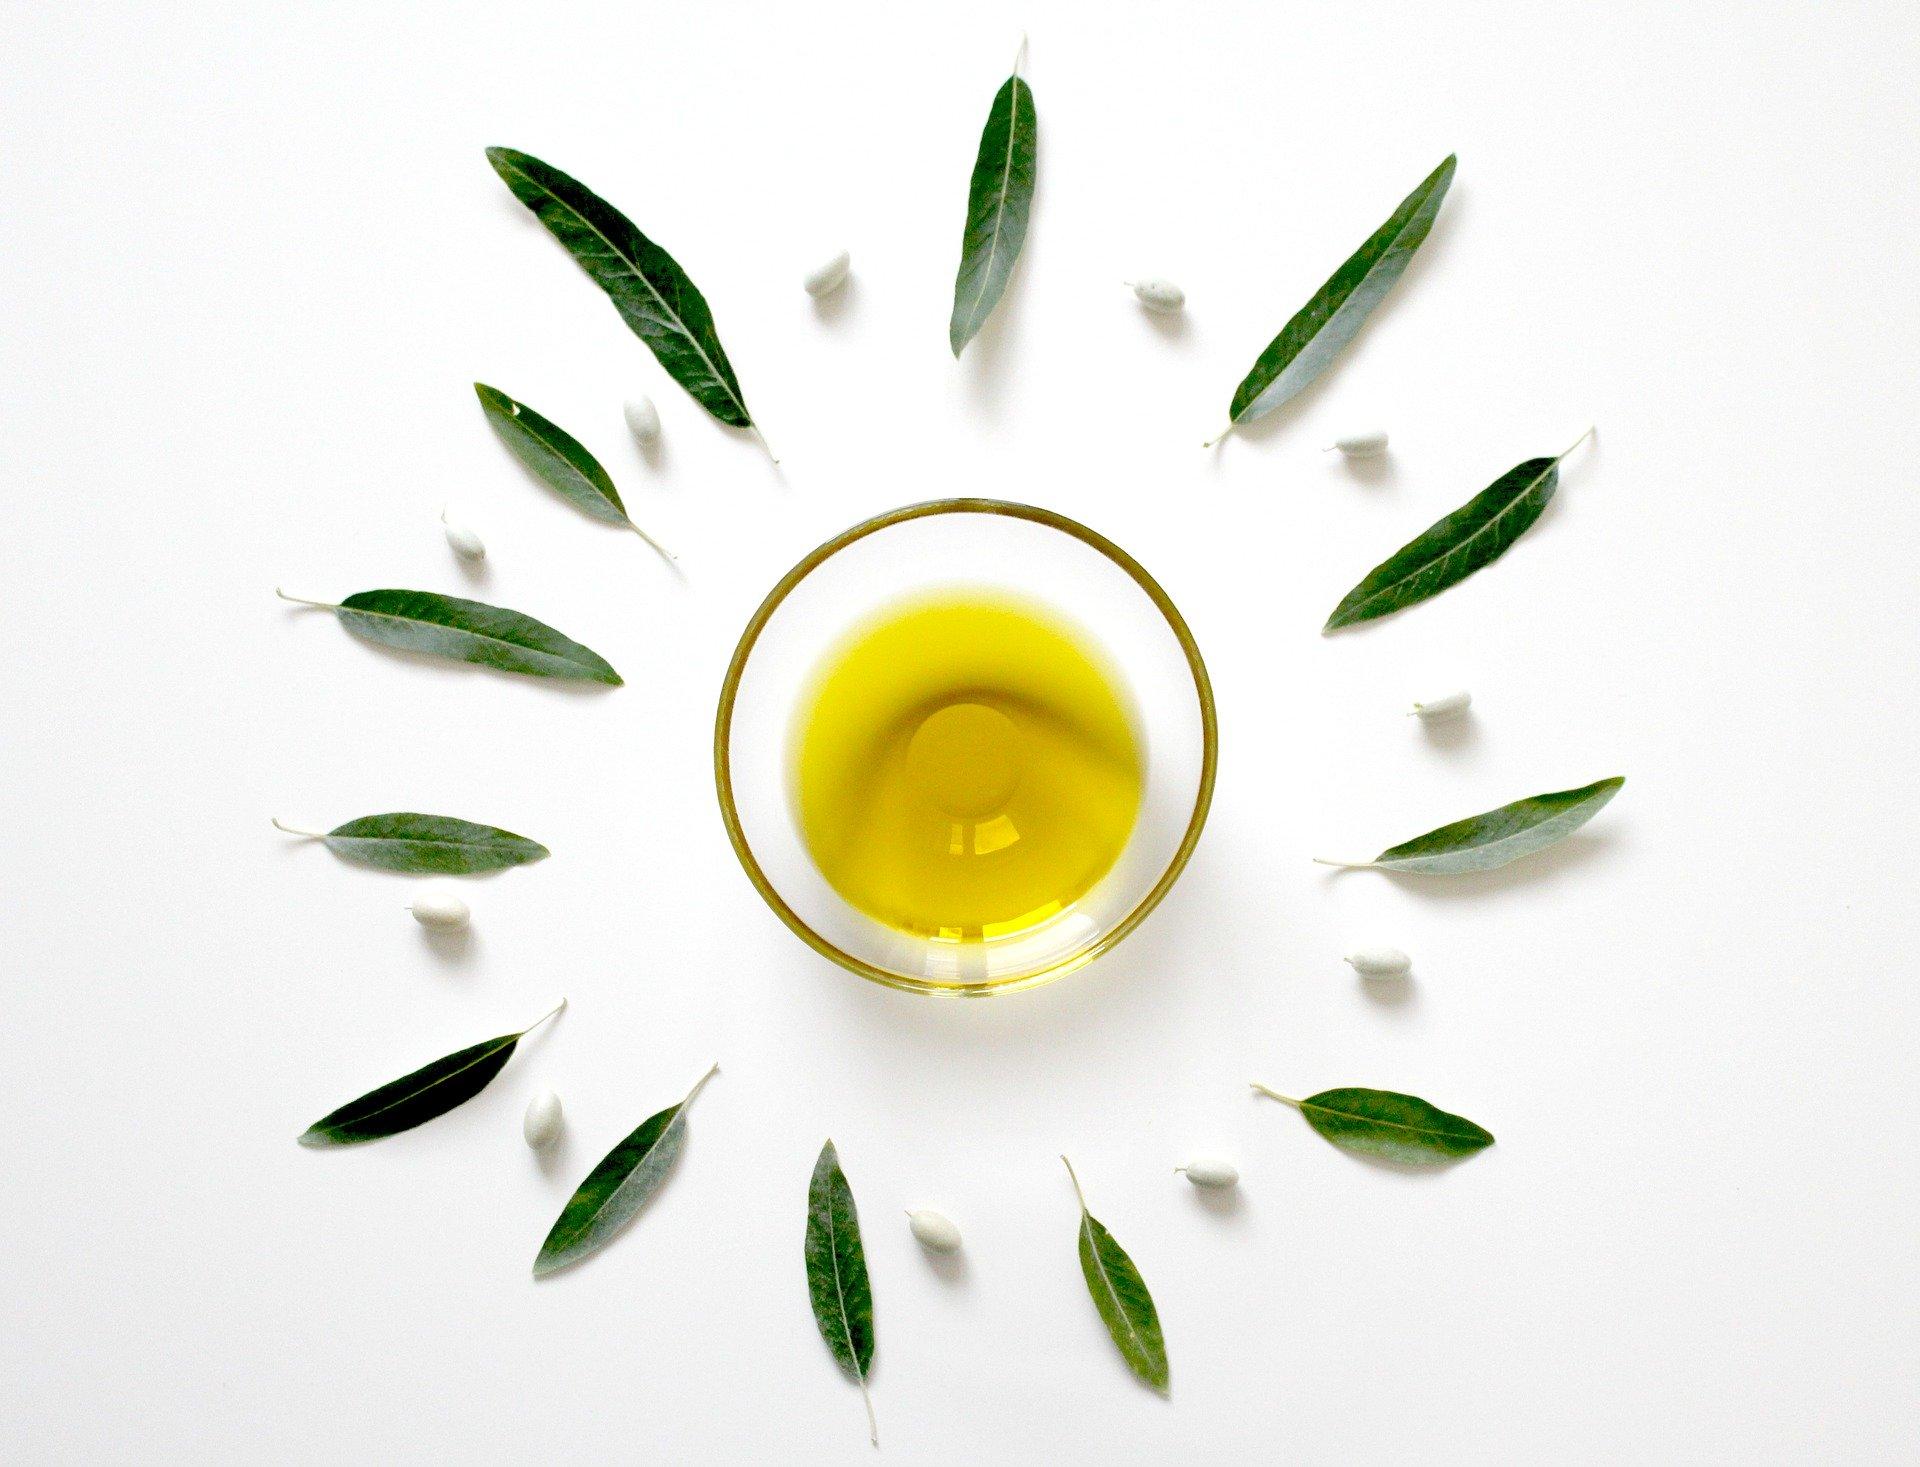 proprietà olio extravergine d'oliva